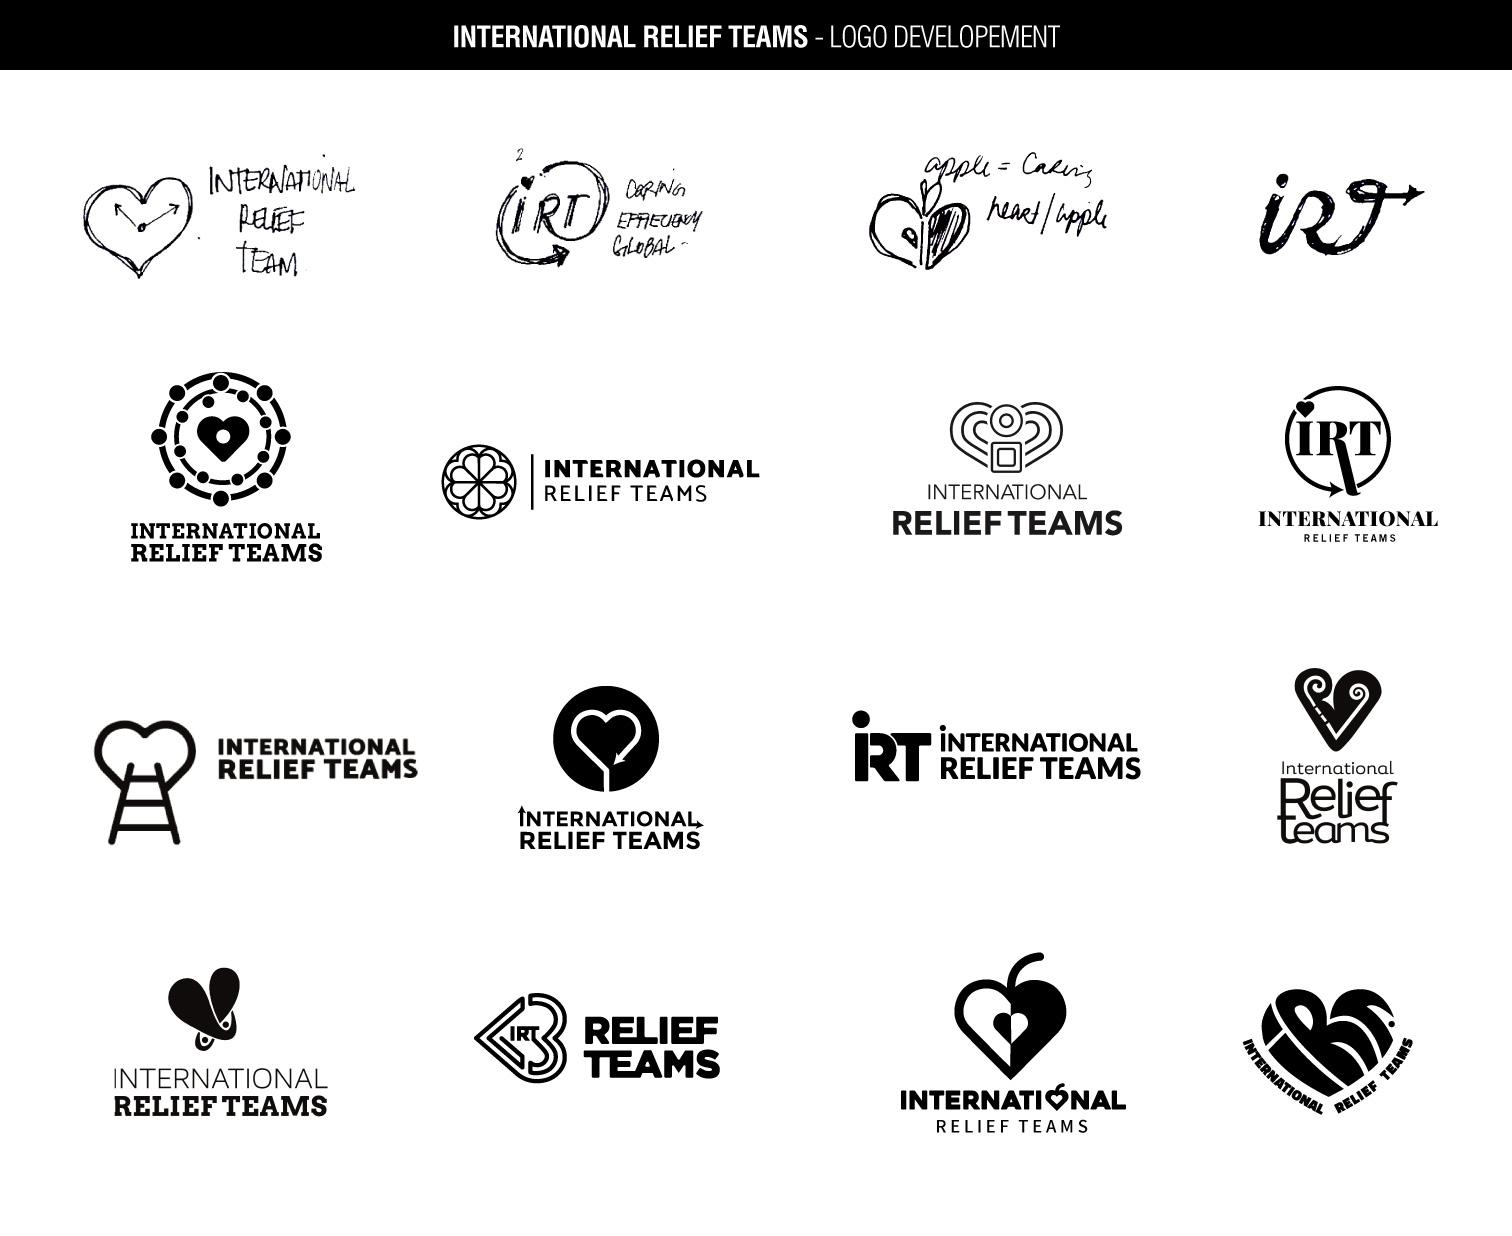 IRT's logo development